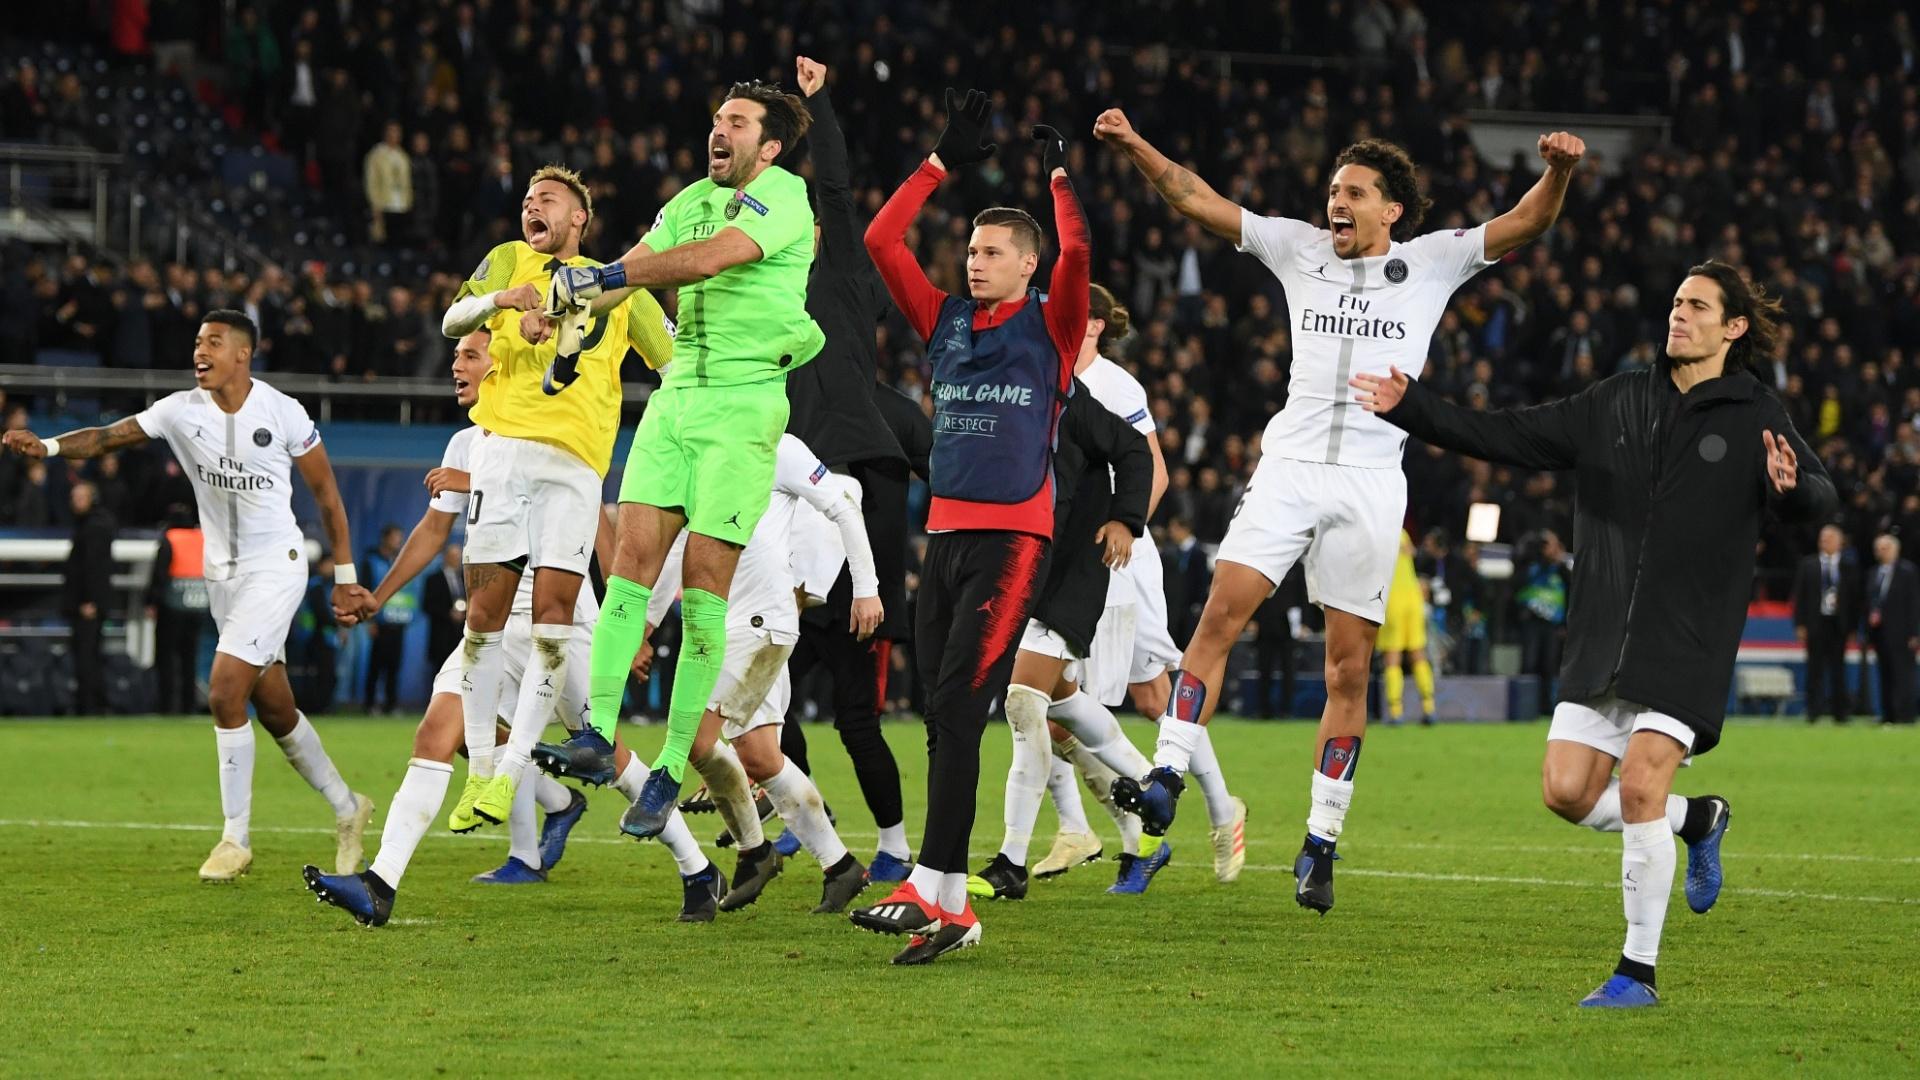 Após a vitória sobre o Liverpool, o PSG só depende de si para se classificar para a próxima fase